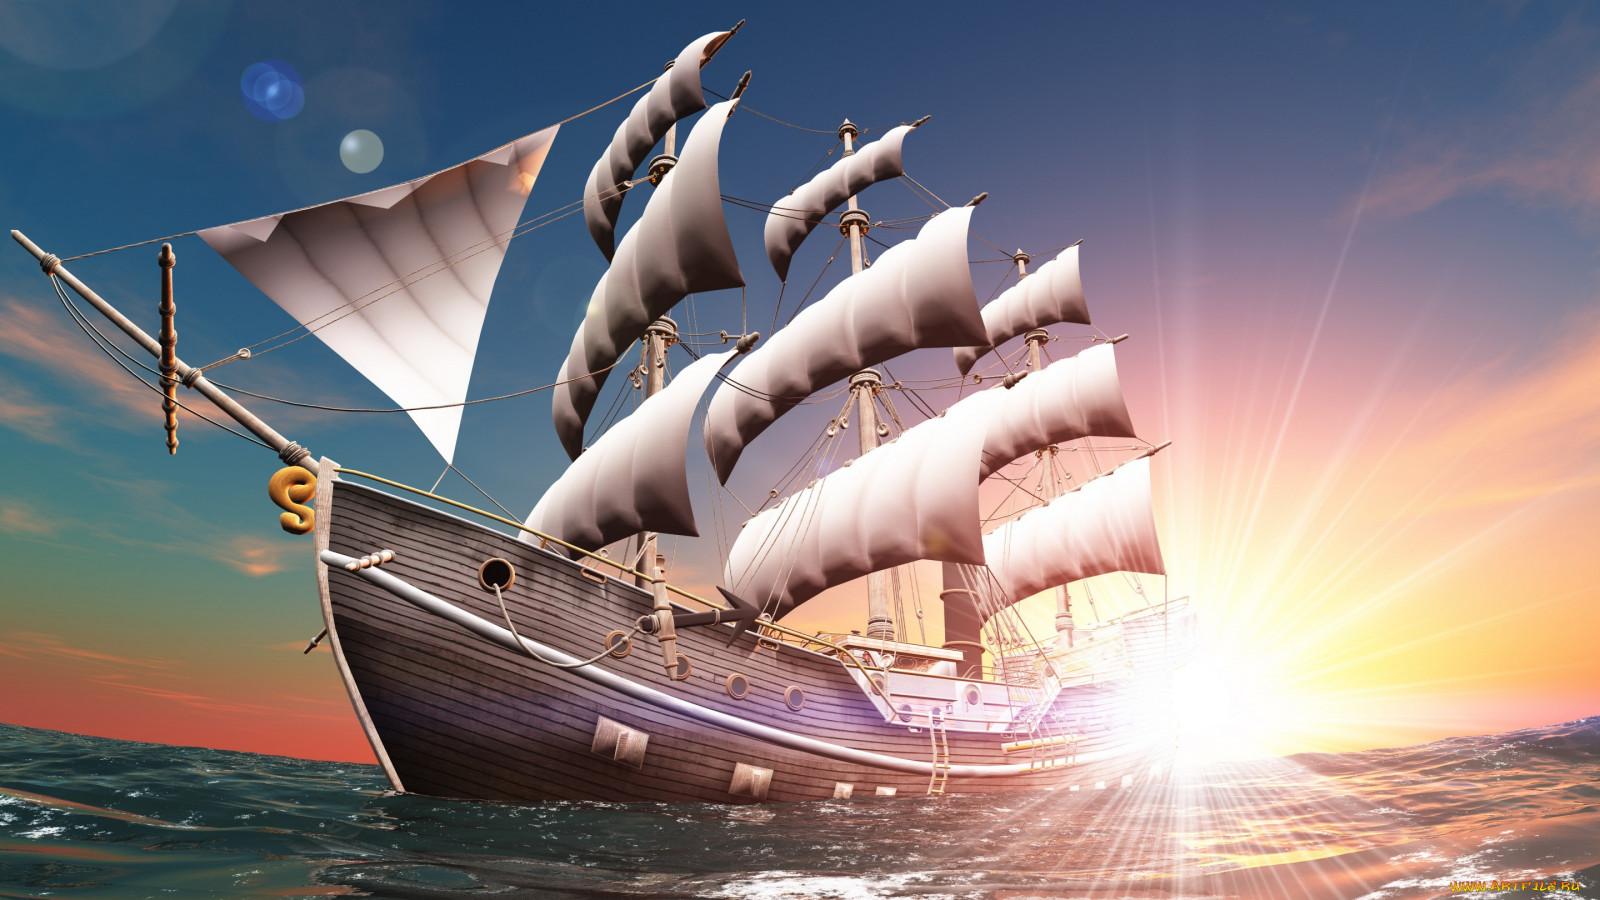 sailing ship and perth